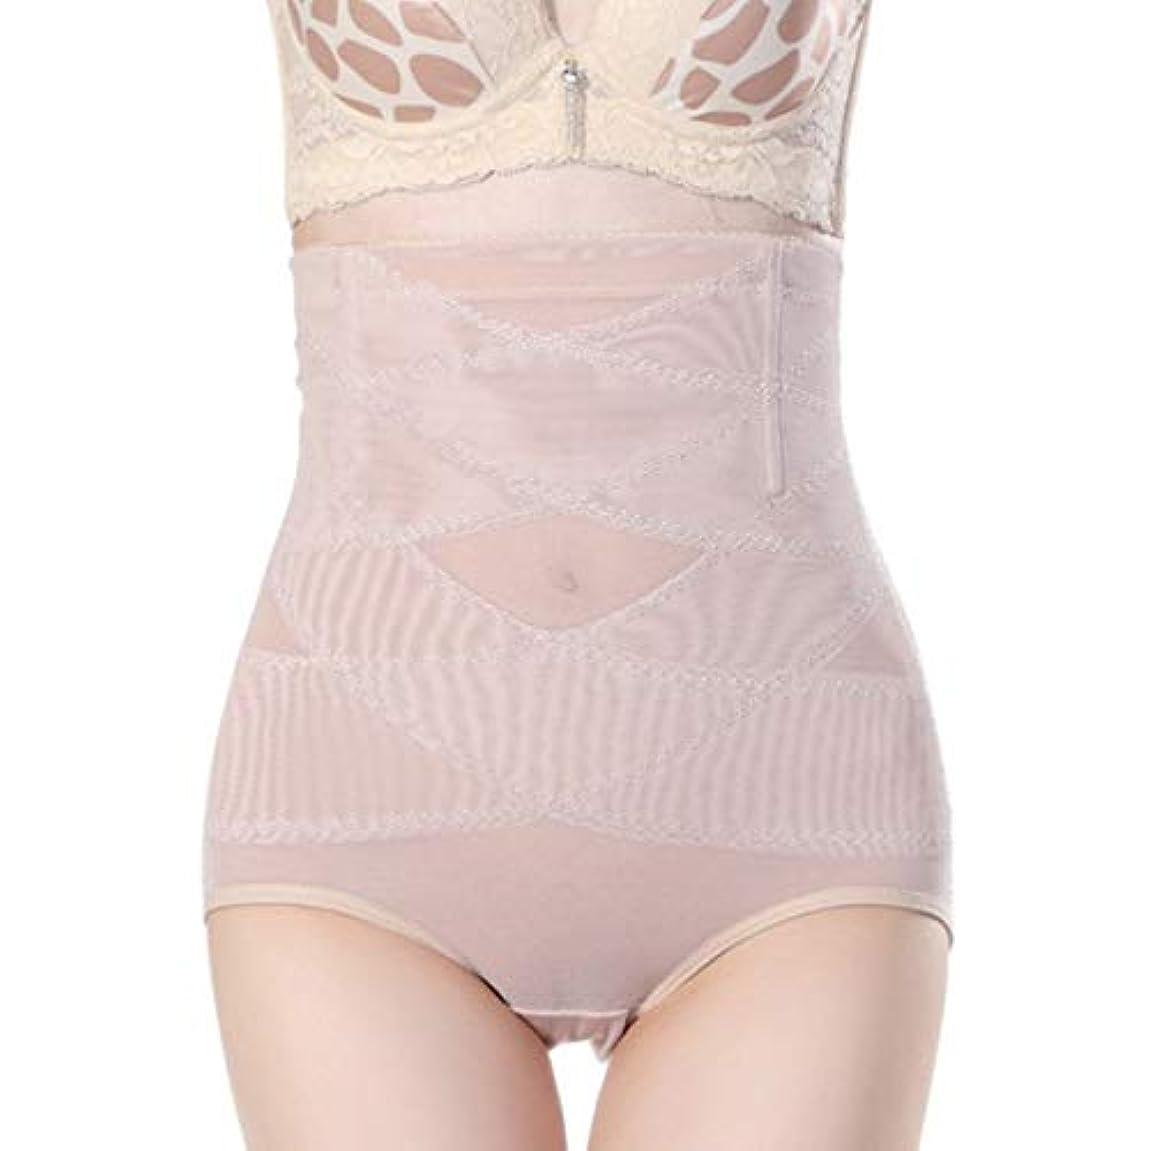 鋸歯状産地クレジット腹部制御下着シームレスおなかコントロールパンティーバットリフターボディシェイパーを痩身通気性のハイウエストの女性 - 肌色2 XL